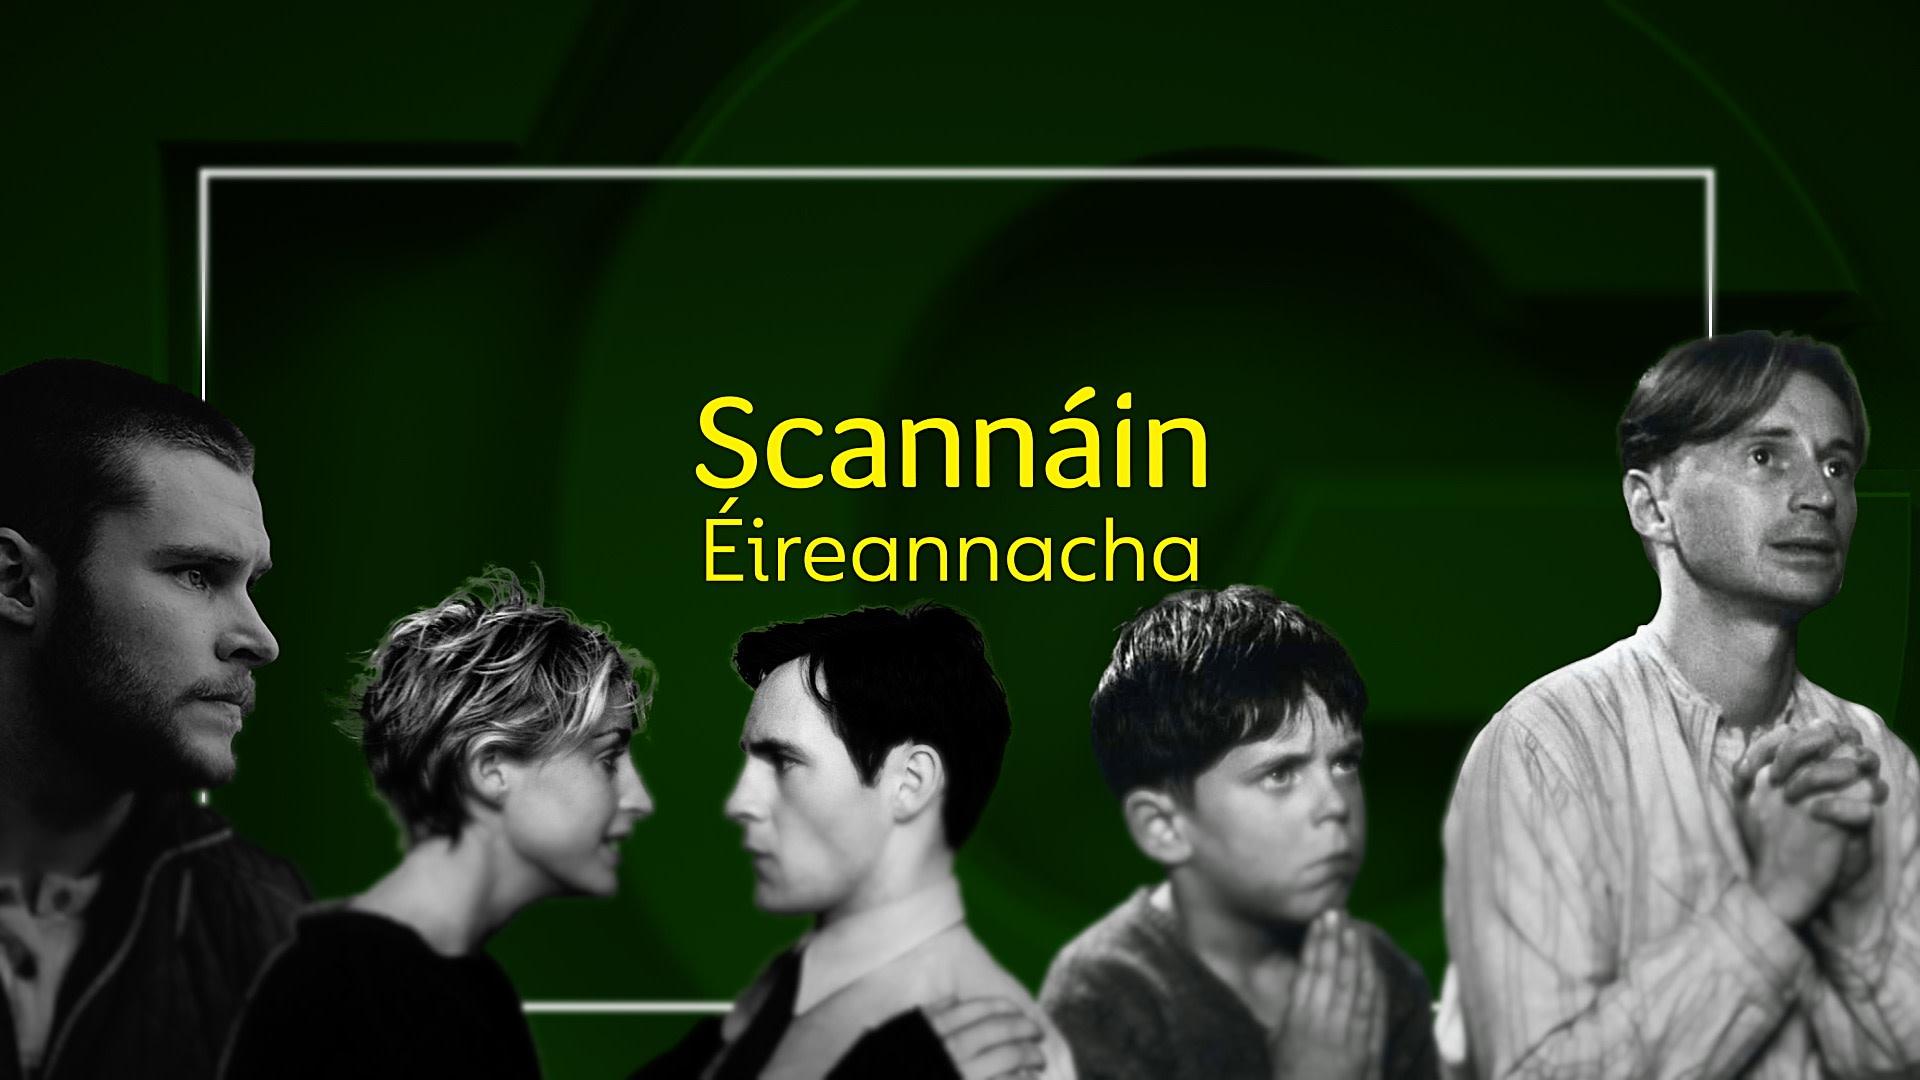 Irish Films on TG4